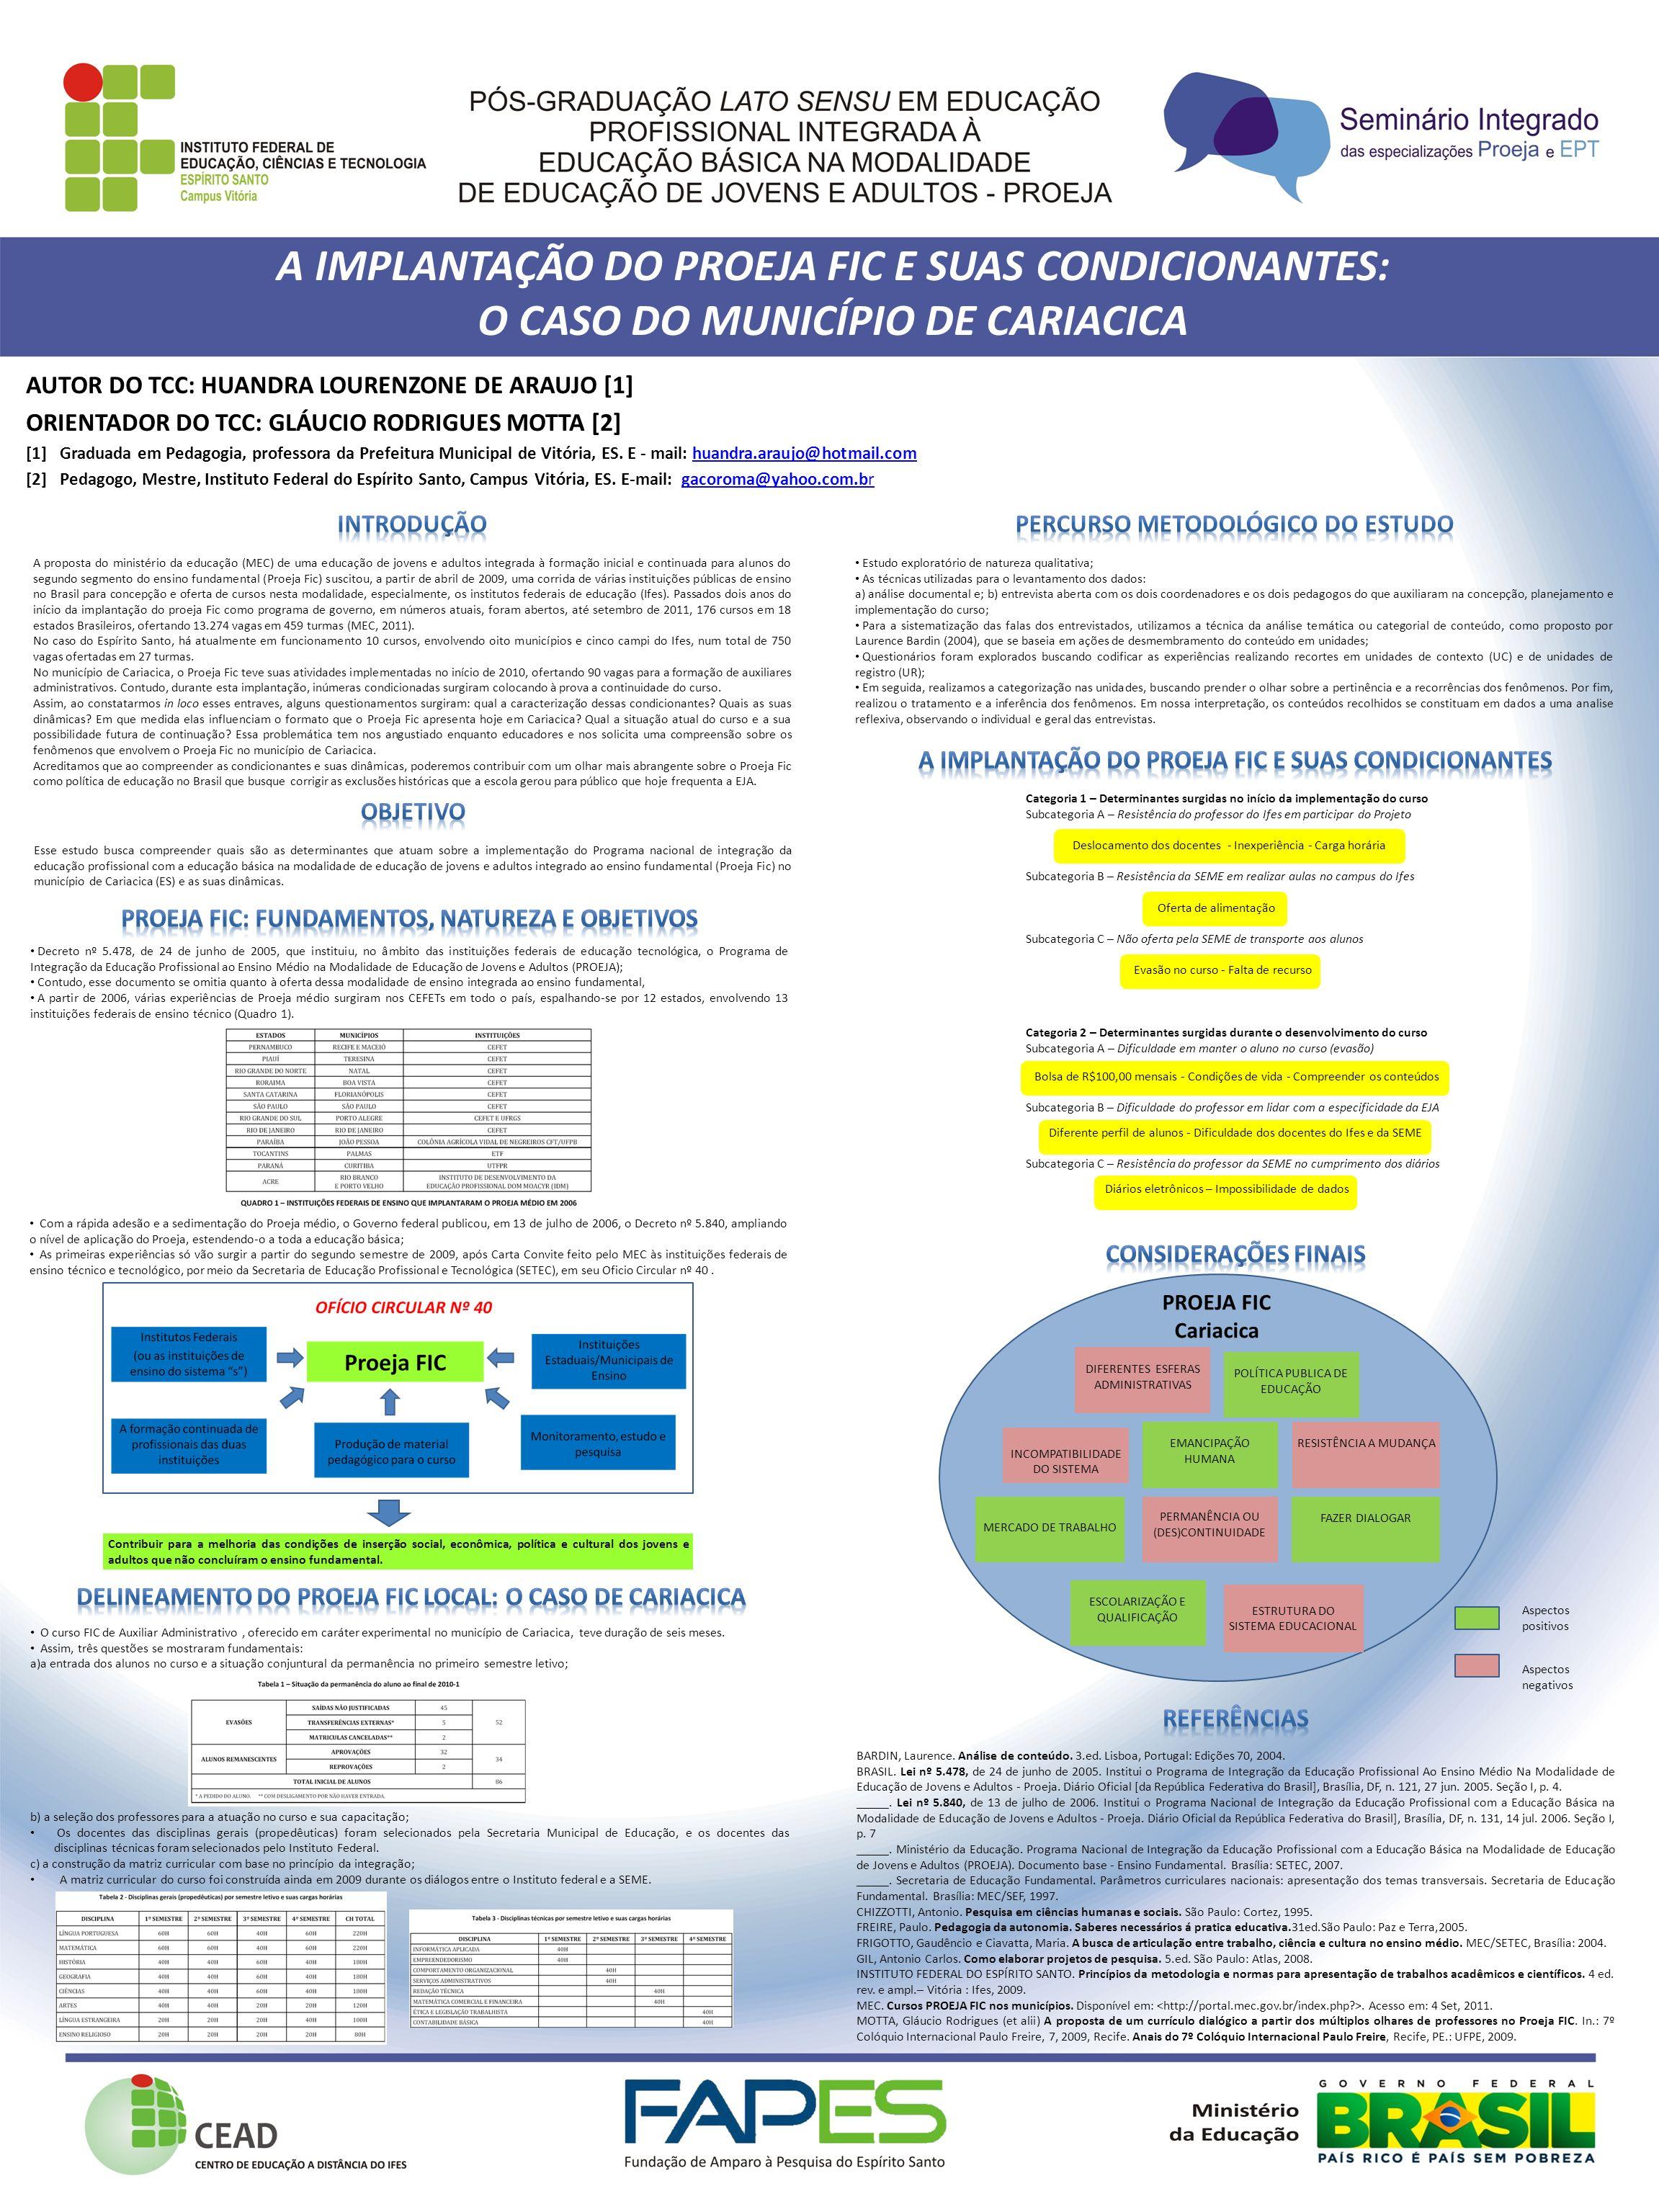 A IMPLANTAÇÃO DO PROEJA FIC E SUAS CONDICIONANTES: O CASO DO MUNICÍPIO DE CARIACICA